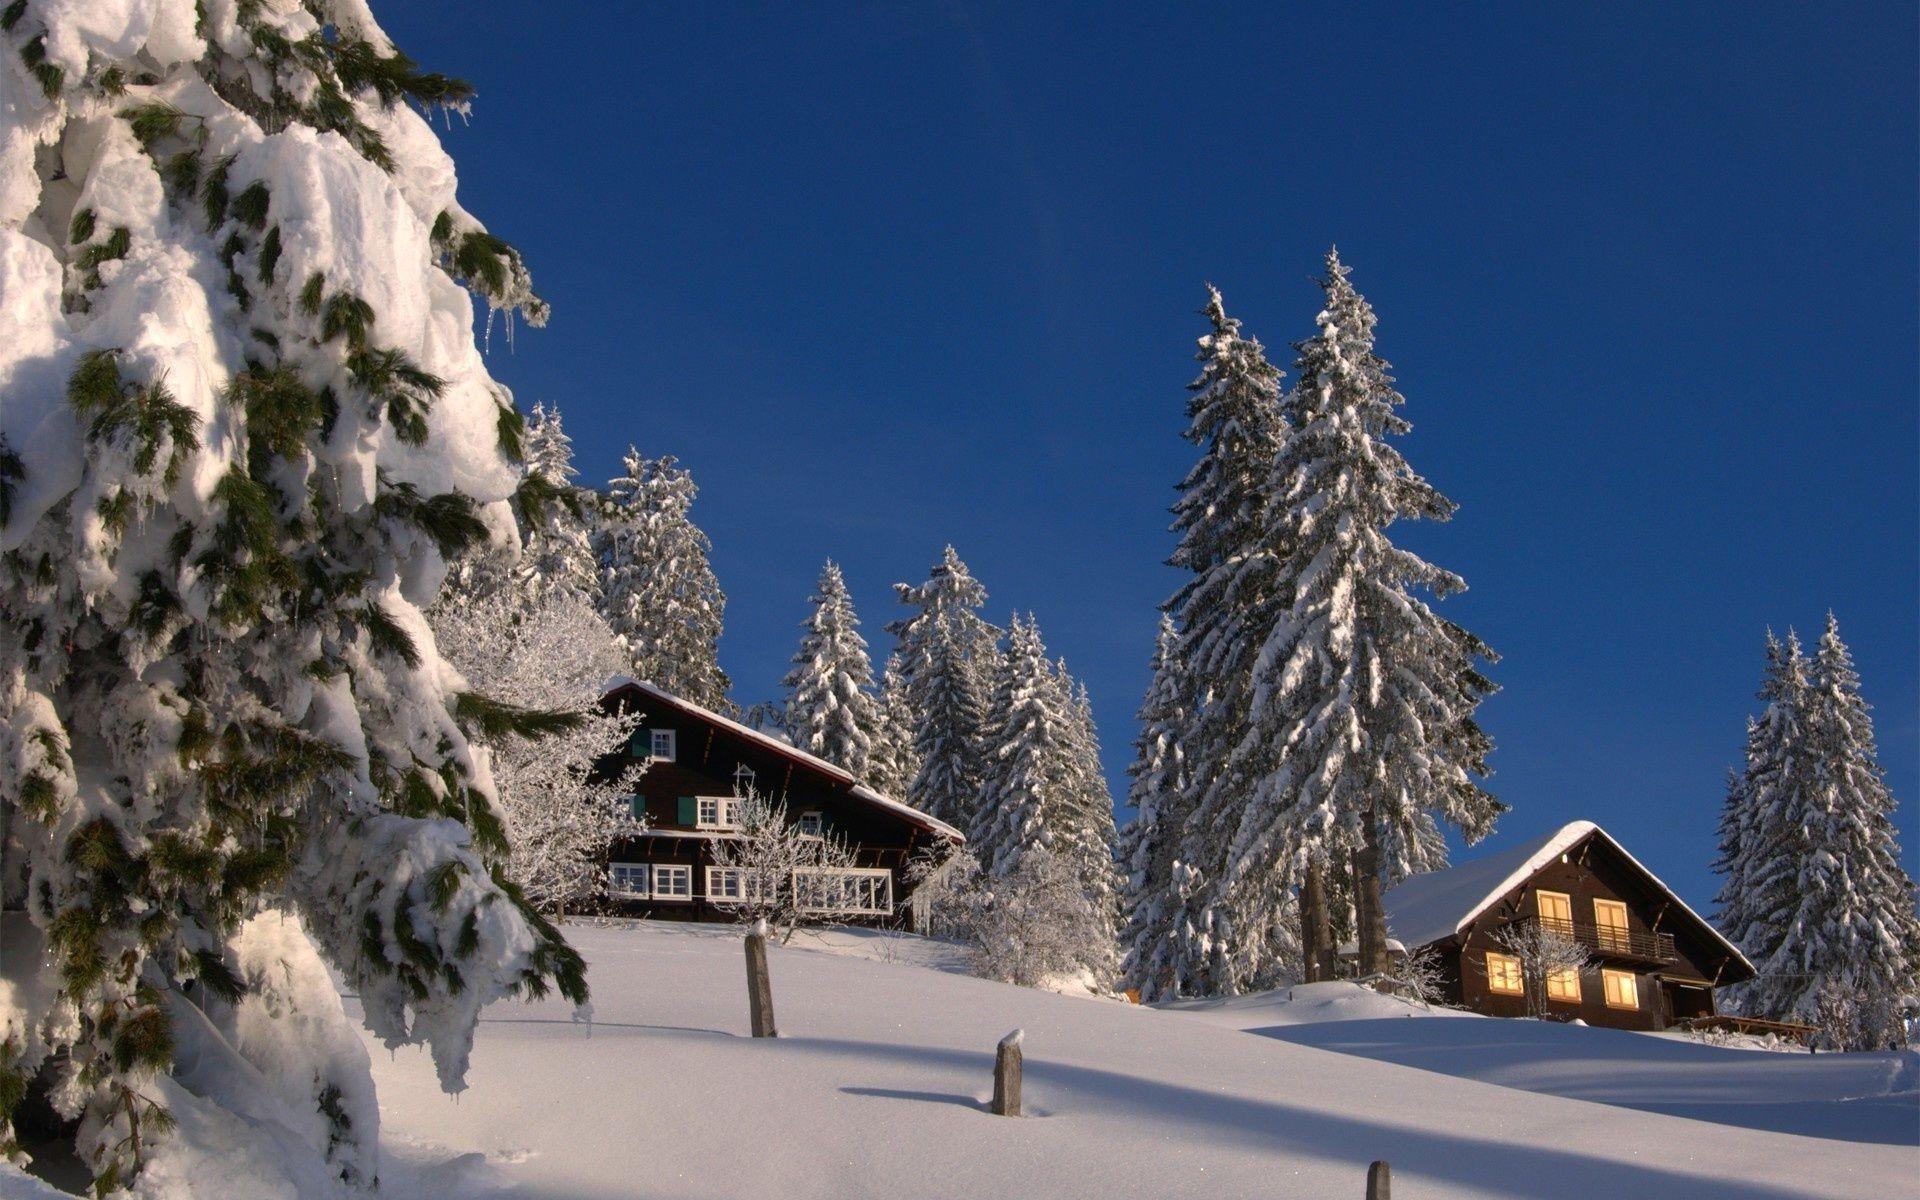 фото зимы красивые для рабочего стола интересно